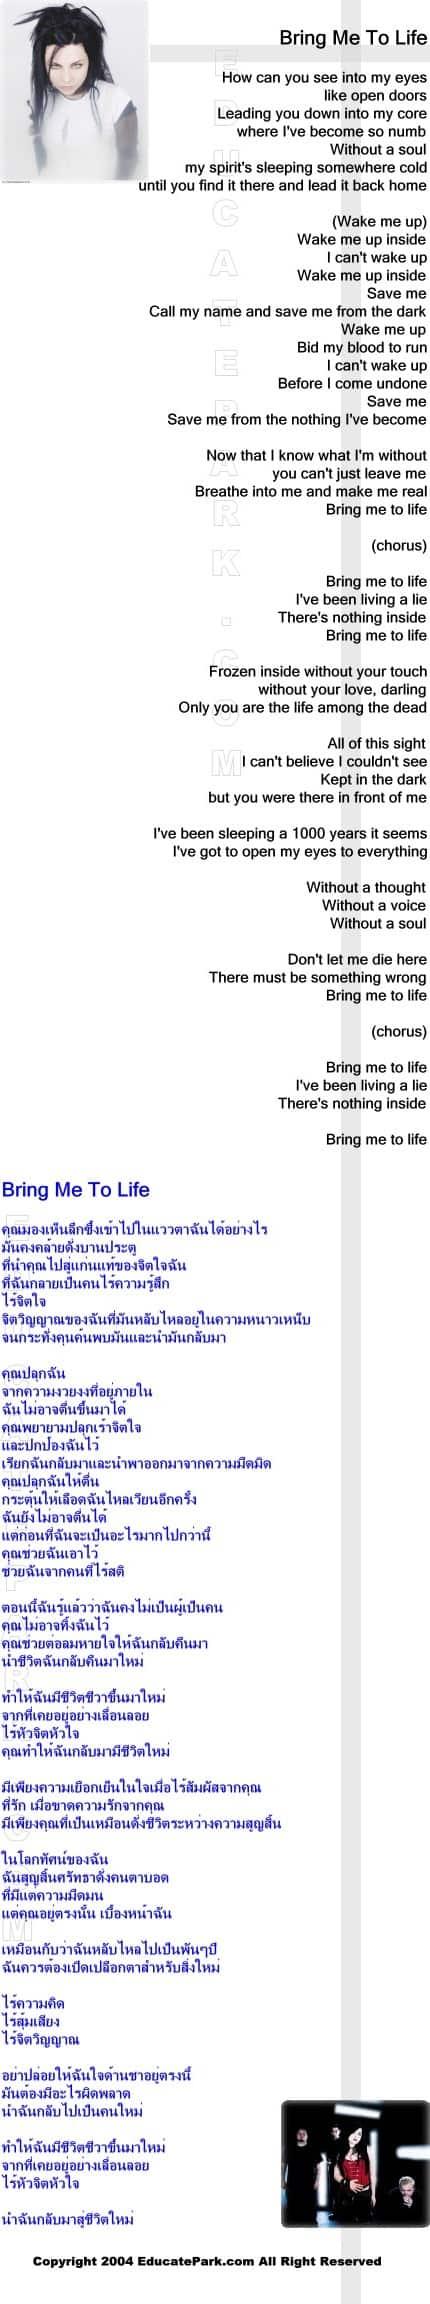 แปลเพลง Bring Me to Life - Evanescence